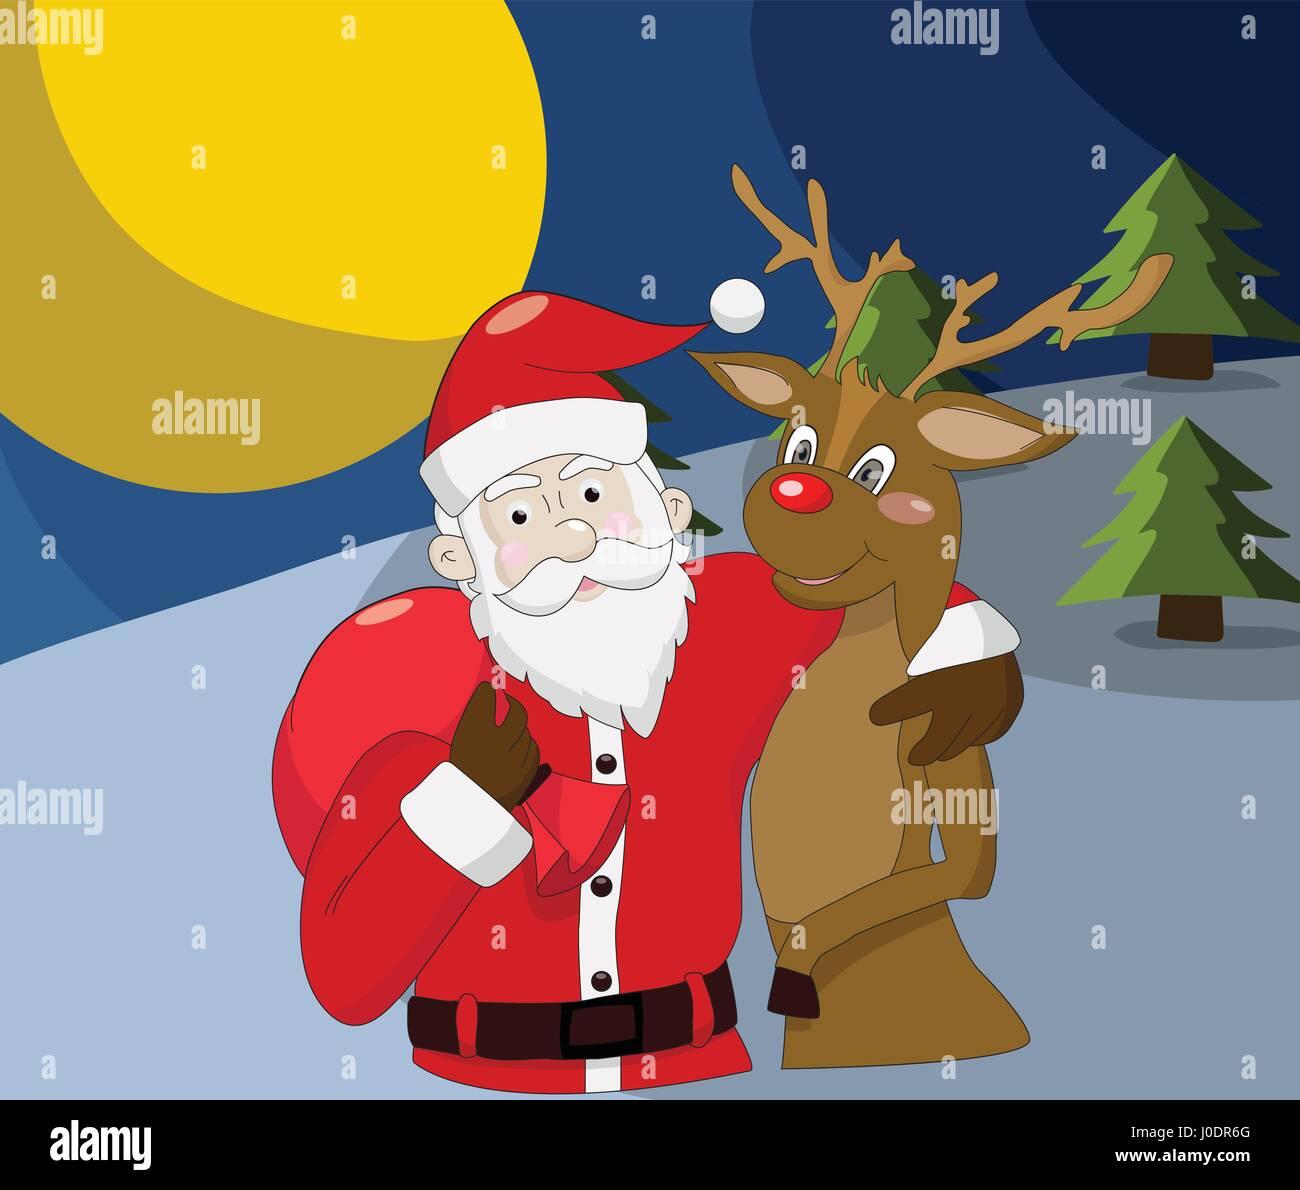 Sfondi Babbo Natale.Babbo Natale Con Le Renne Nella Notte Di Natale Sfondo Immagine E Vettoriale Alamy